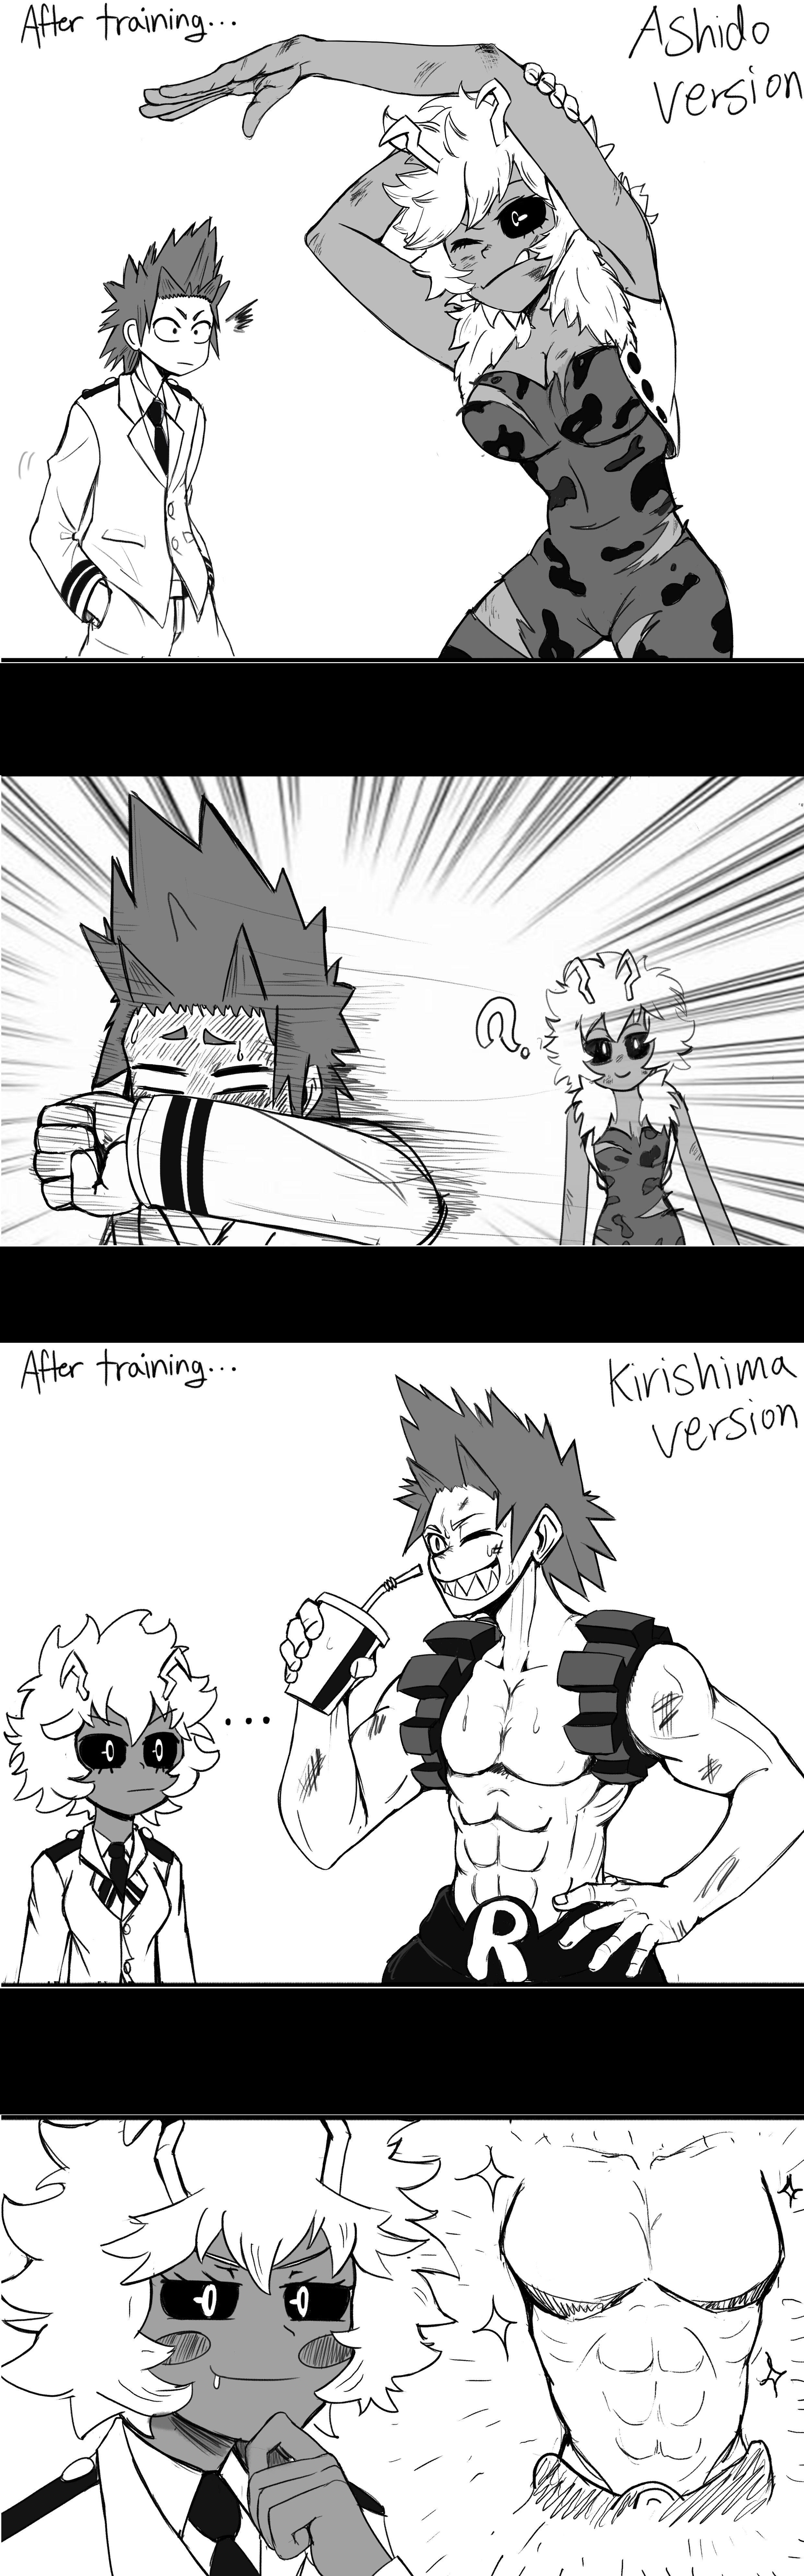 Ashido X Kirishima comic Reaction to their costumes | boku